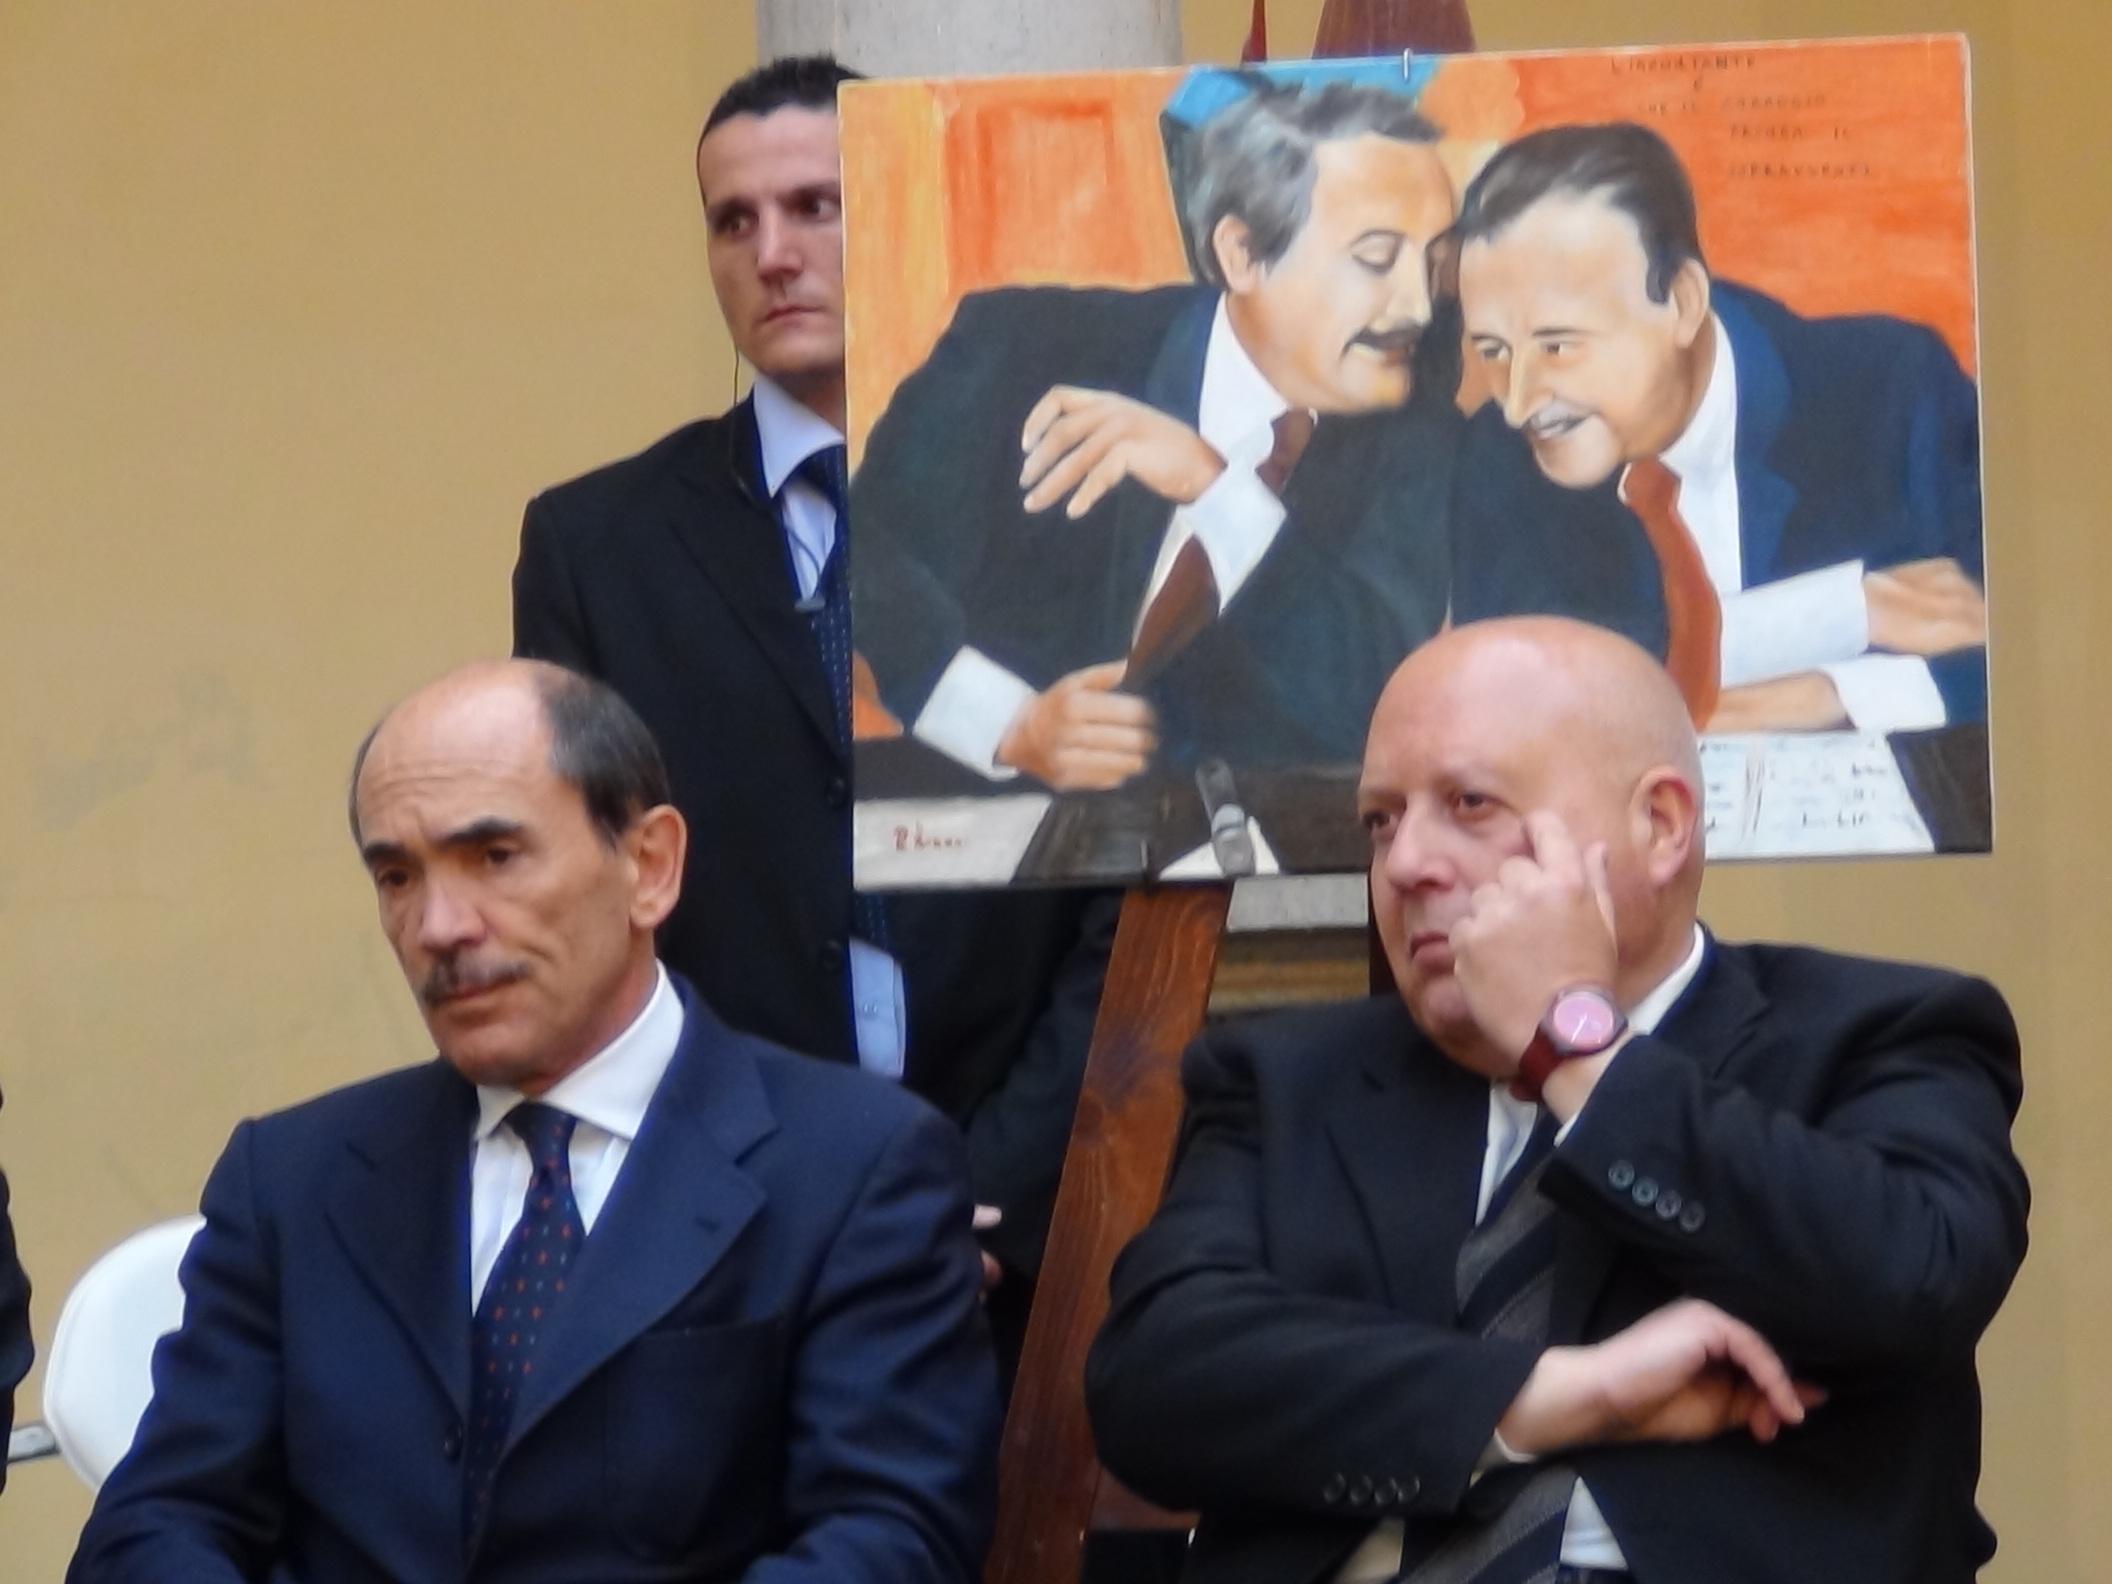 A Castel Volturno, nasce la mozzarella della legalità